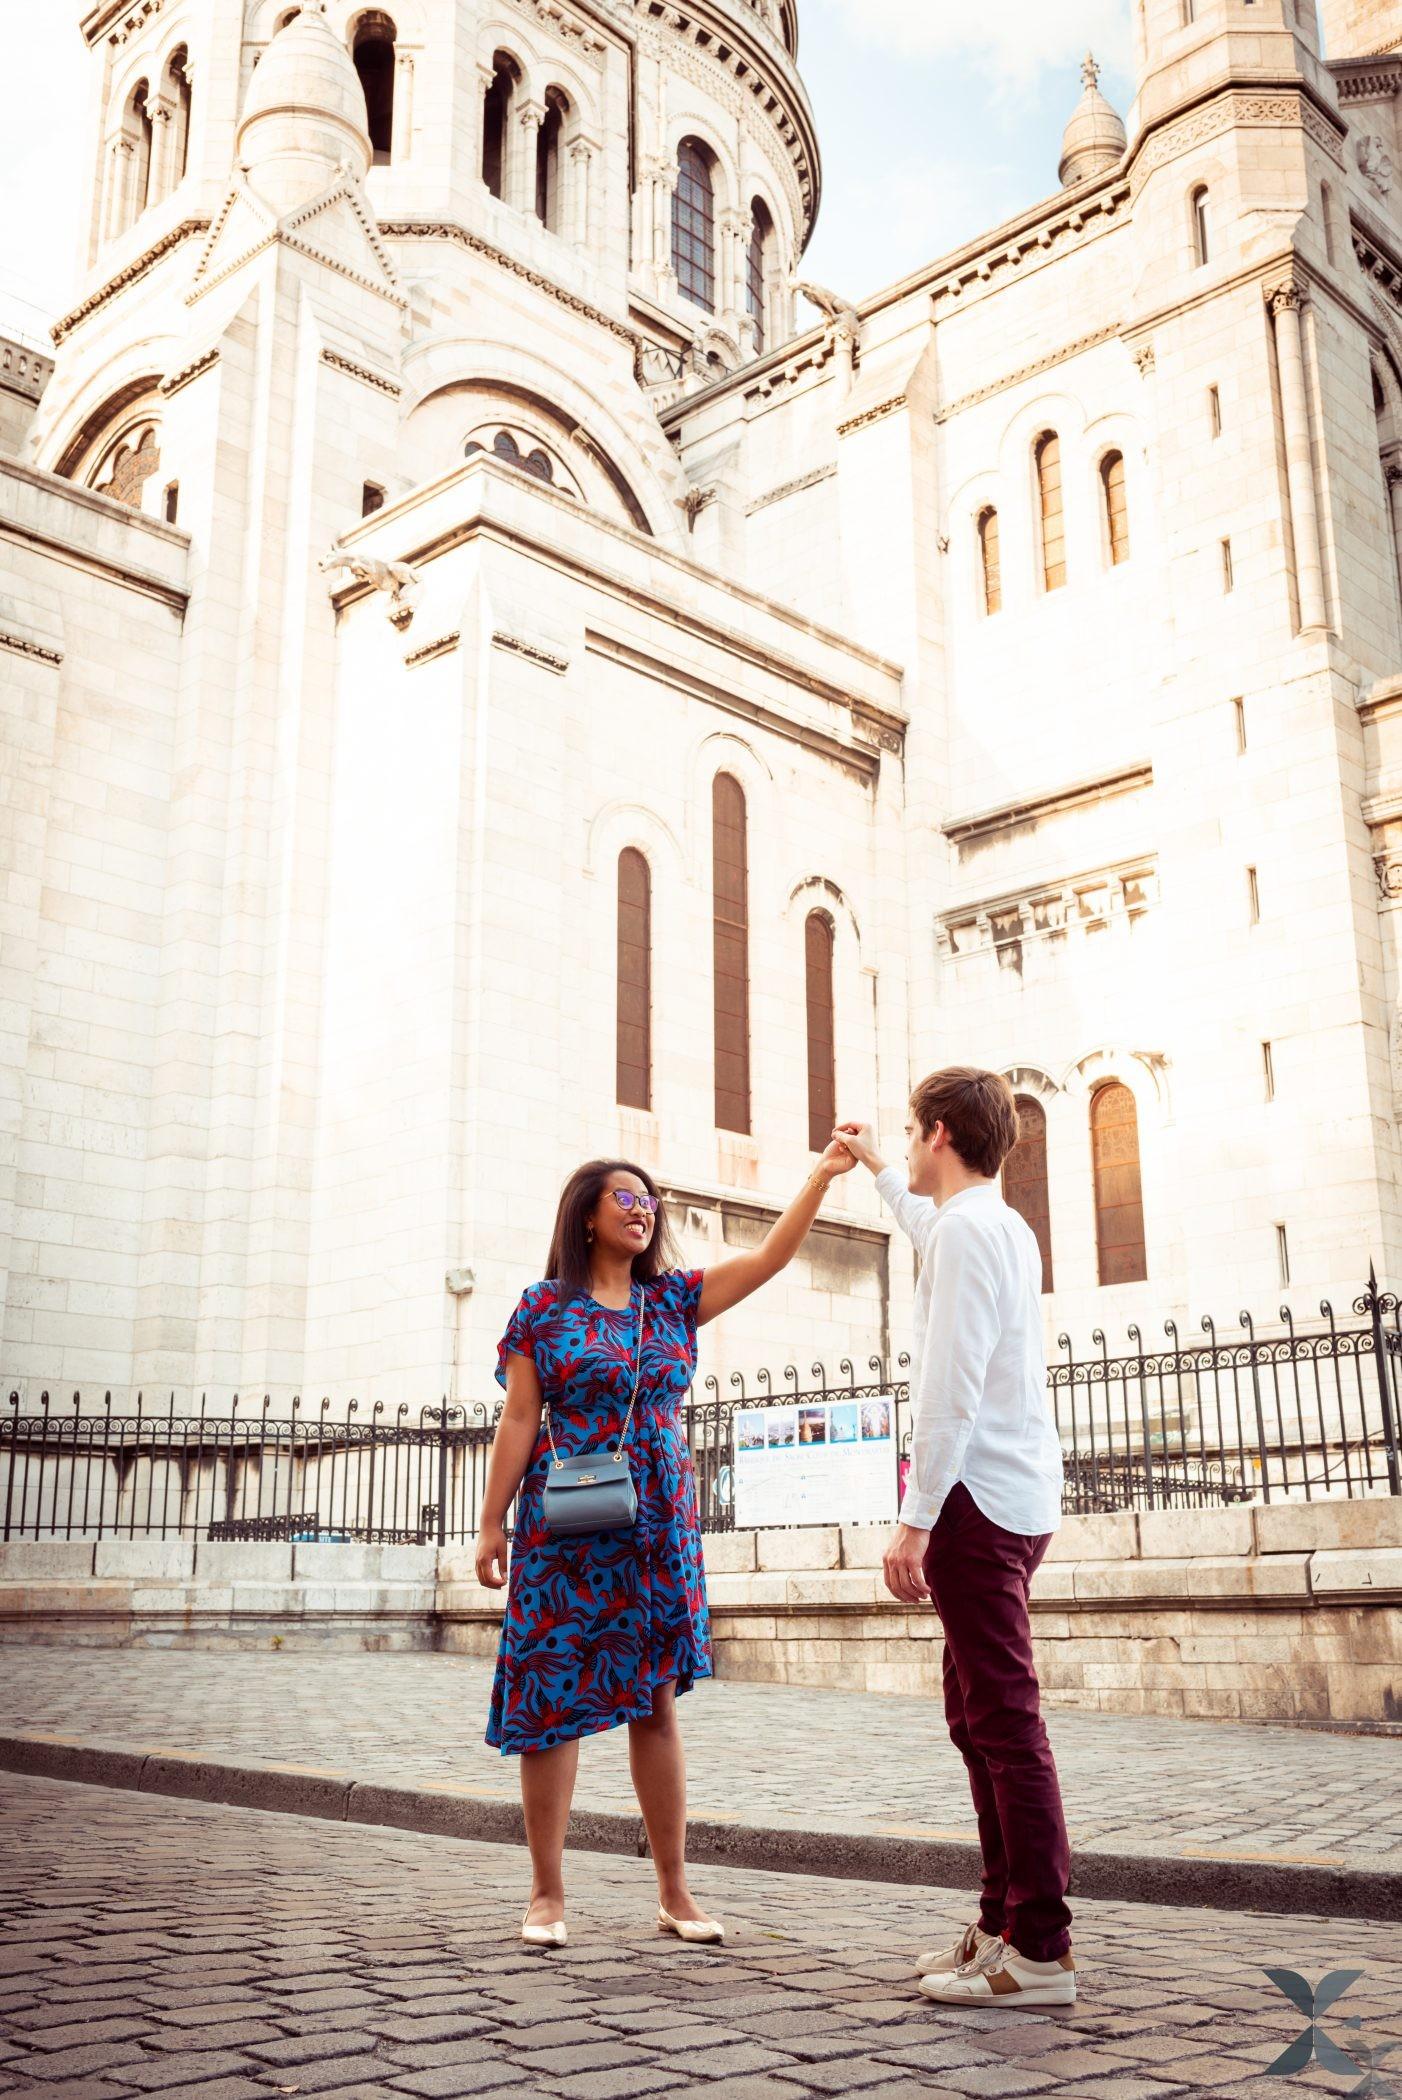 Photographe Chelles Ile De France Et Paris Photo Couple Montmartre 6